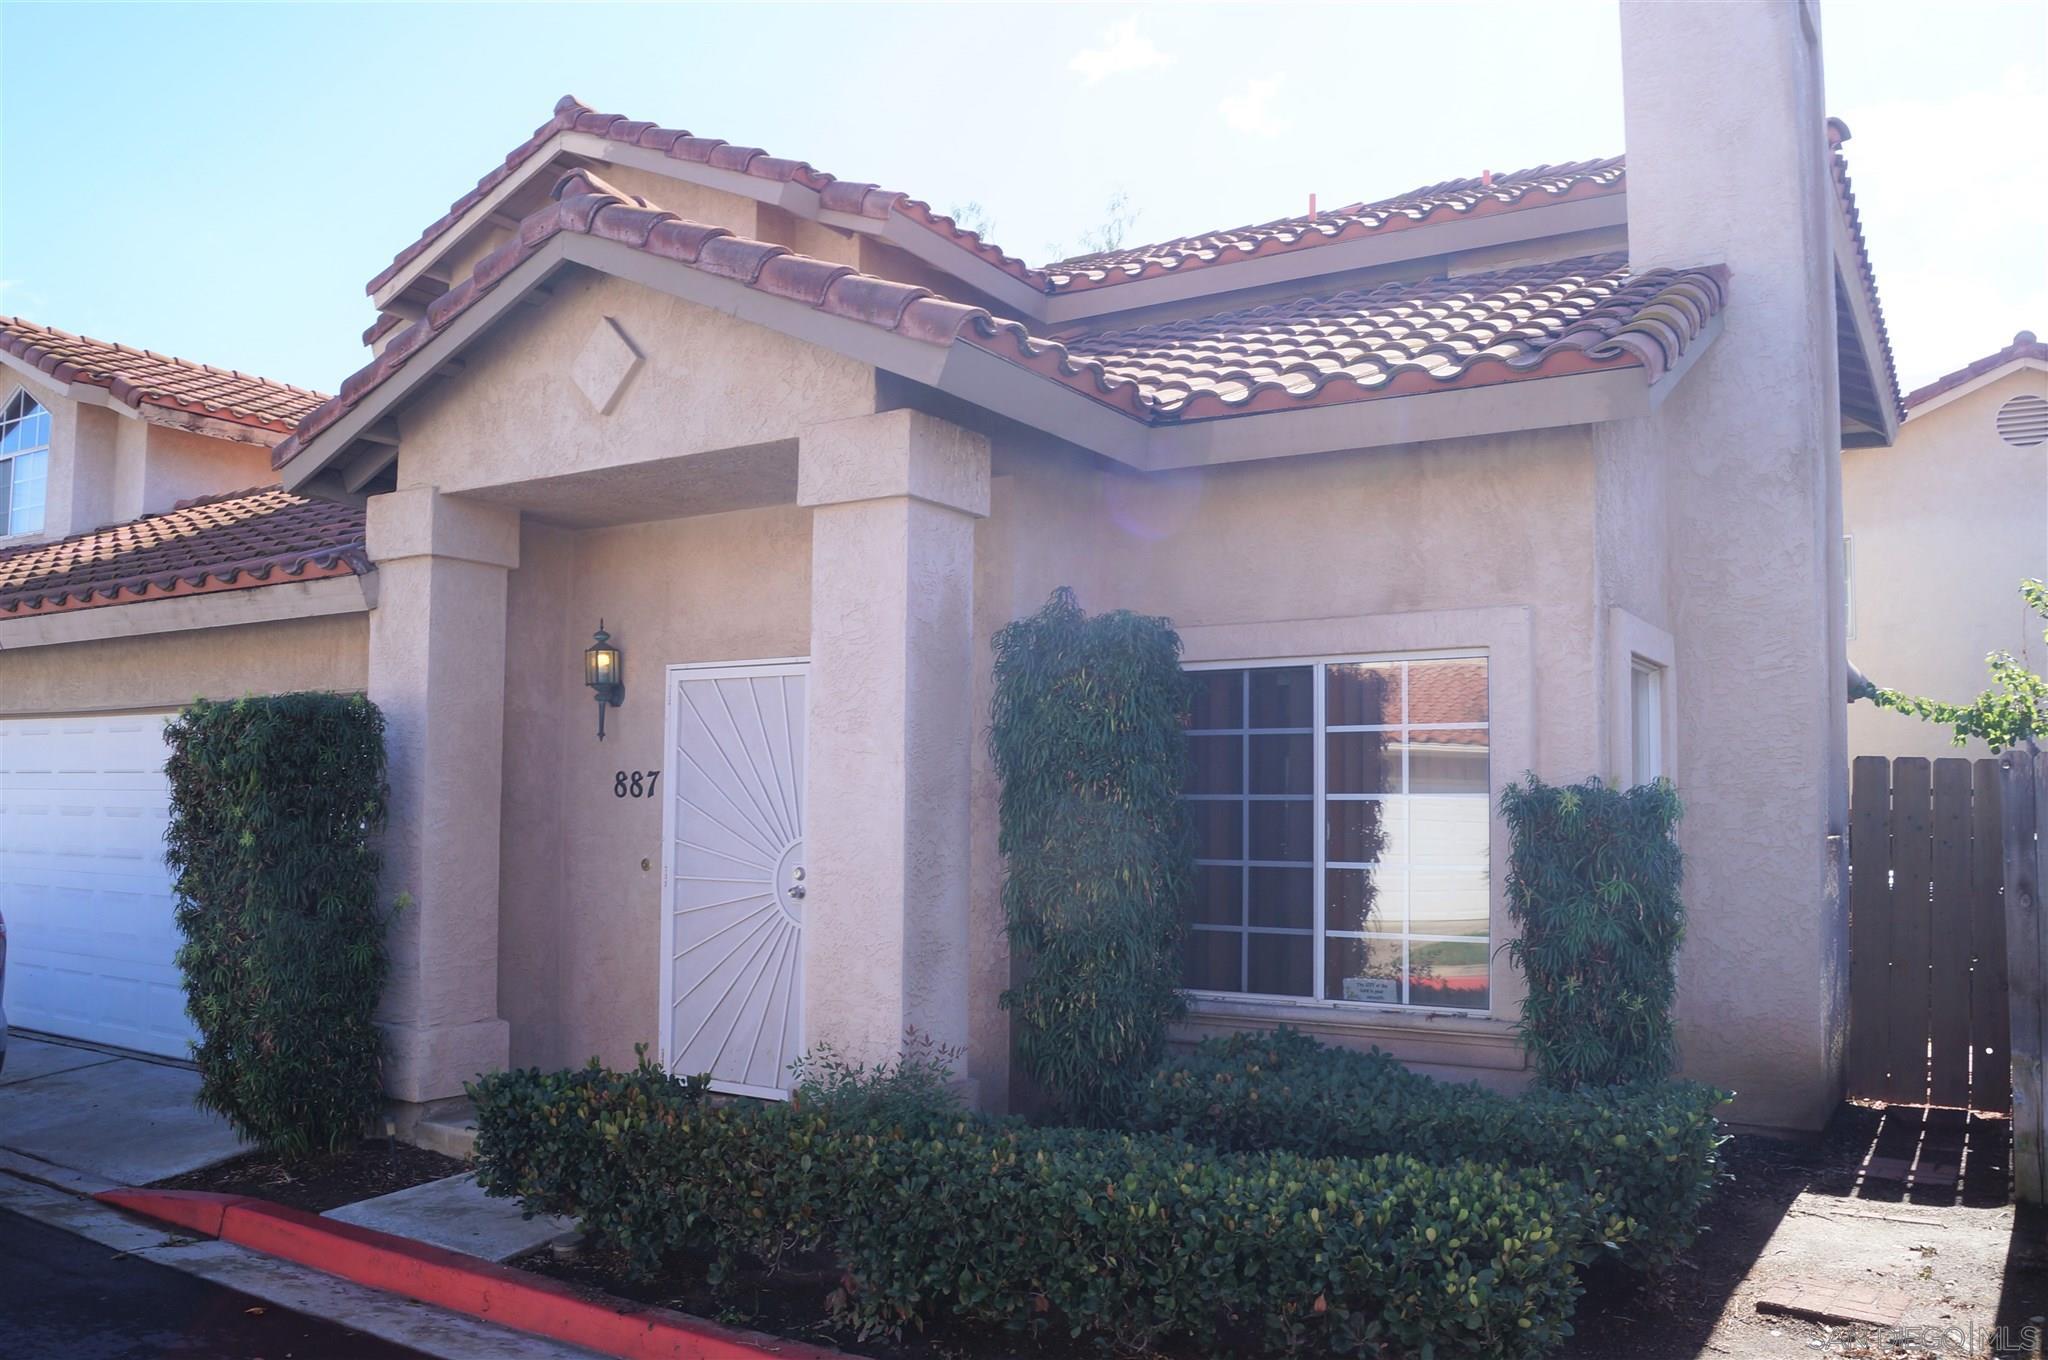 887 Friendly Cir, El Cajon, California 92021, 3 Bedrooms Bedrooms, ,3 BathroomsBathrooms,Townhouse,For Sale,887 Friendly Cir,2,200051463